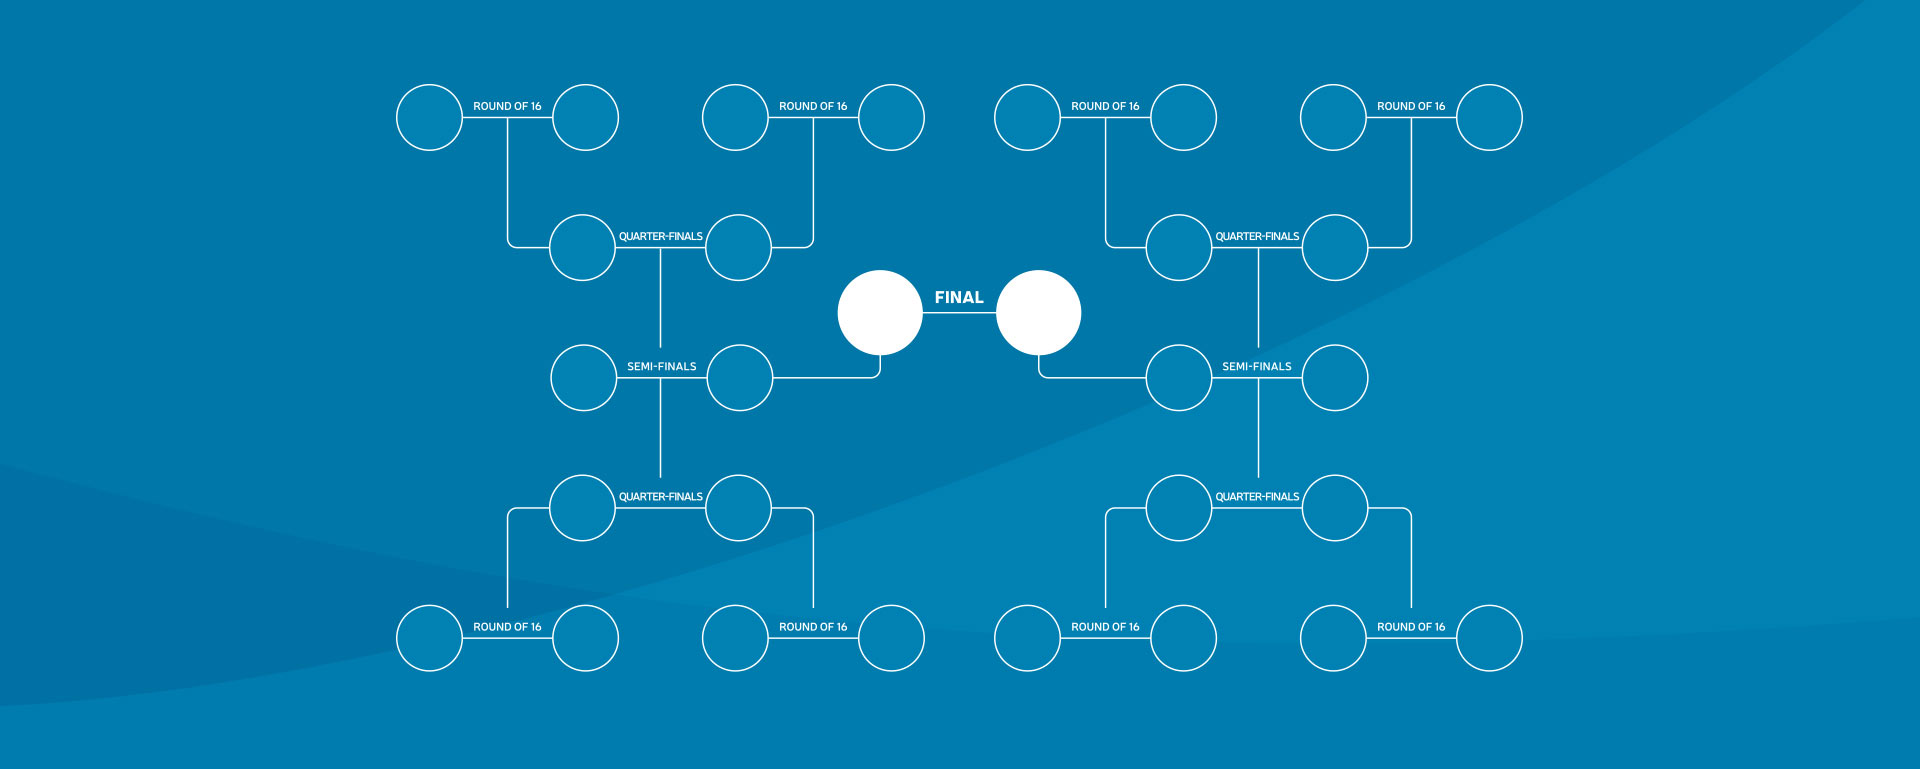 Podział na grupy na Mistrzostwach Europy 2021 – skład, terminarz, typy